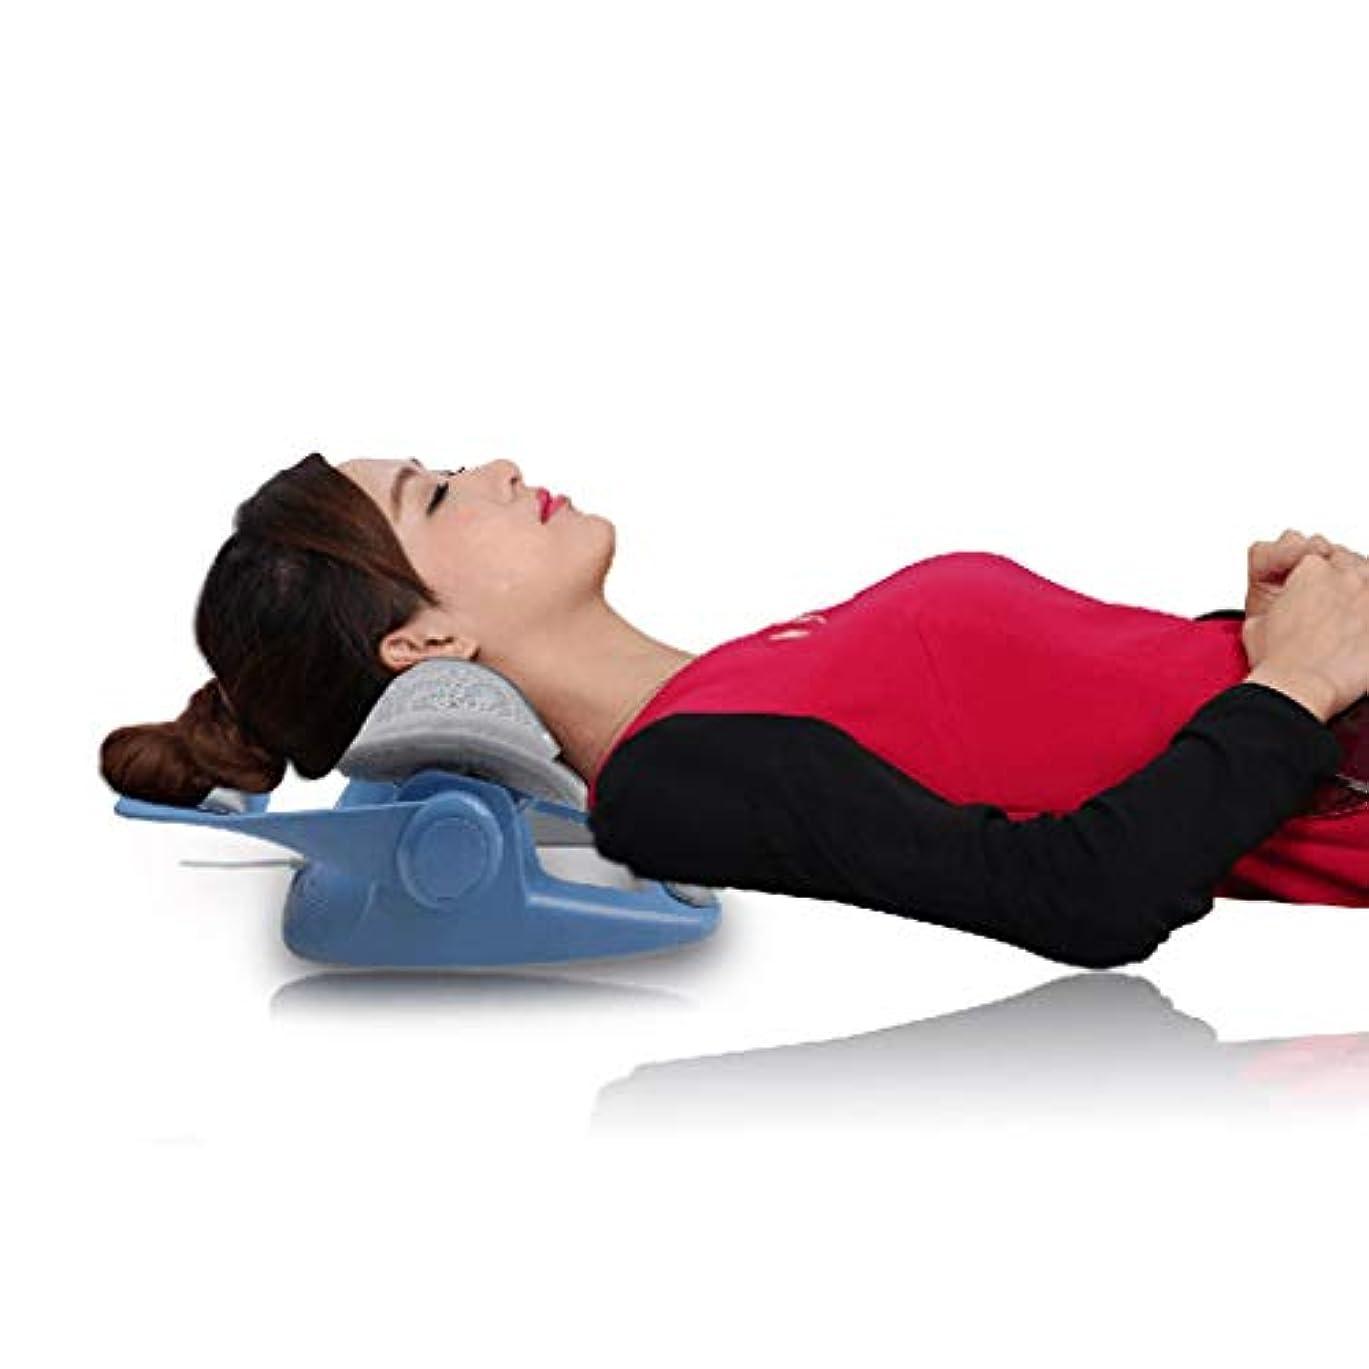 首のマッサージャー、多機能マッサージャートラクションフィーバー頸部枕首肩首慢性首と肩の痛みのための頸椎ブラケットホーム–代替疼痛緩和,ブルー